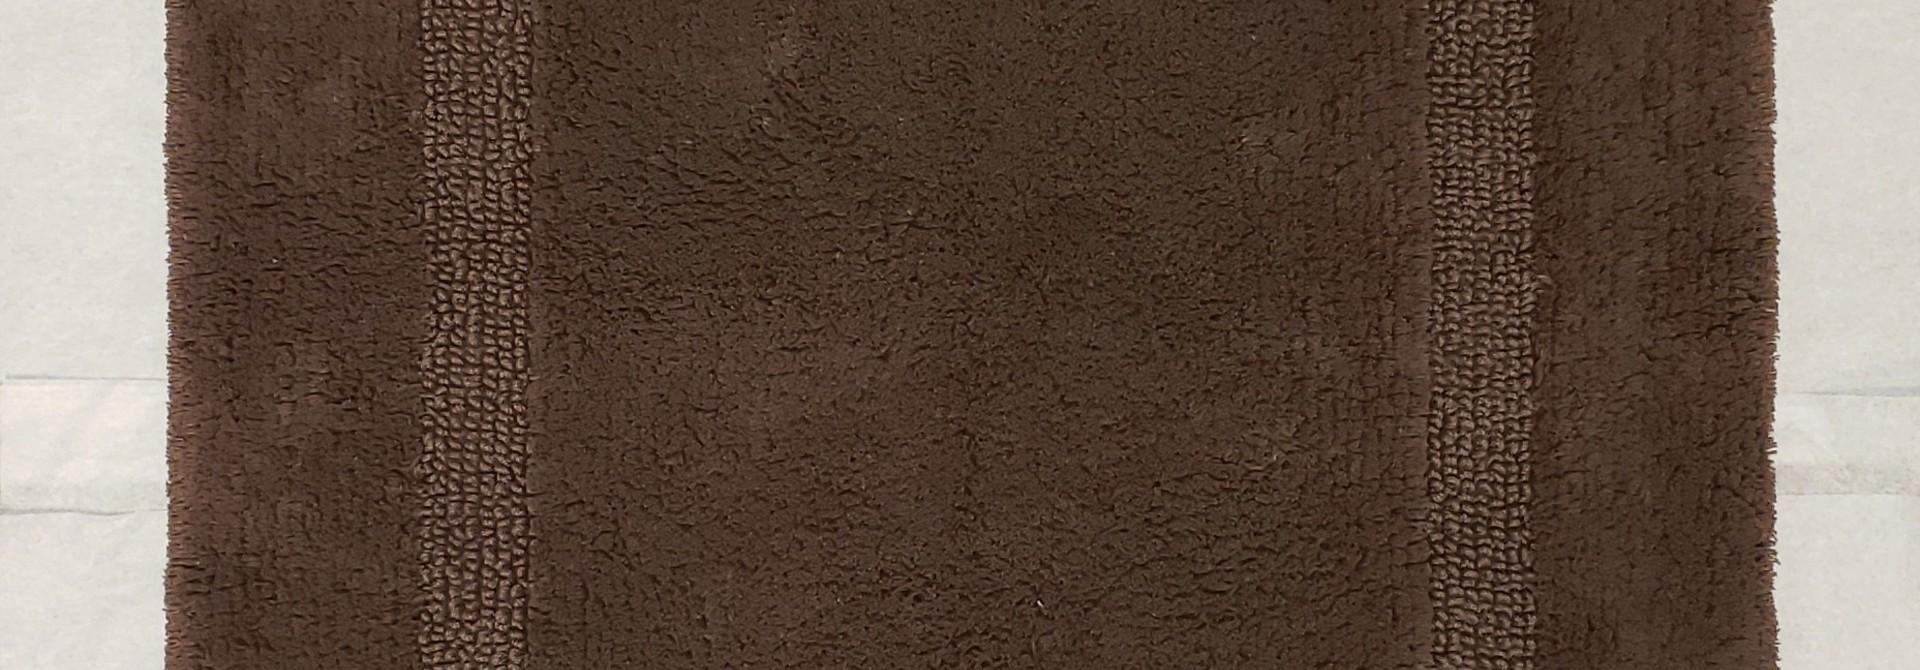 Bath Mat - Reversible - Brown